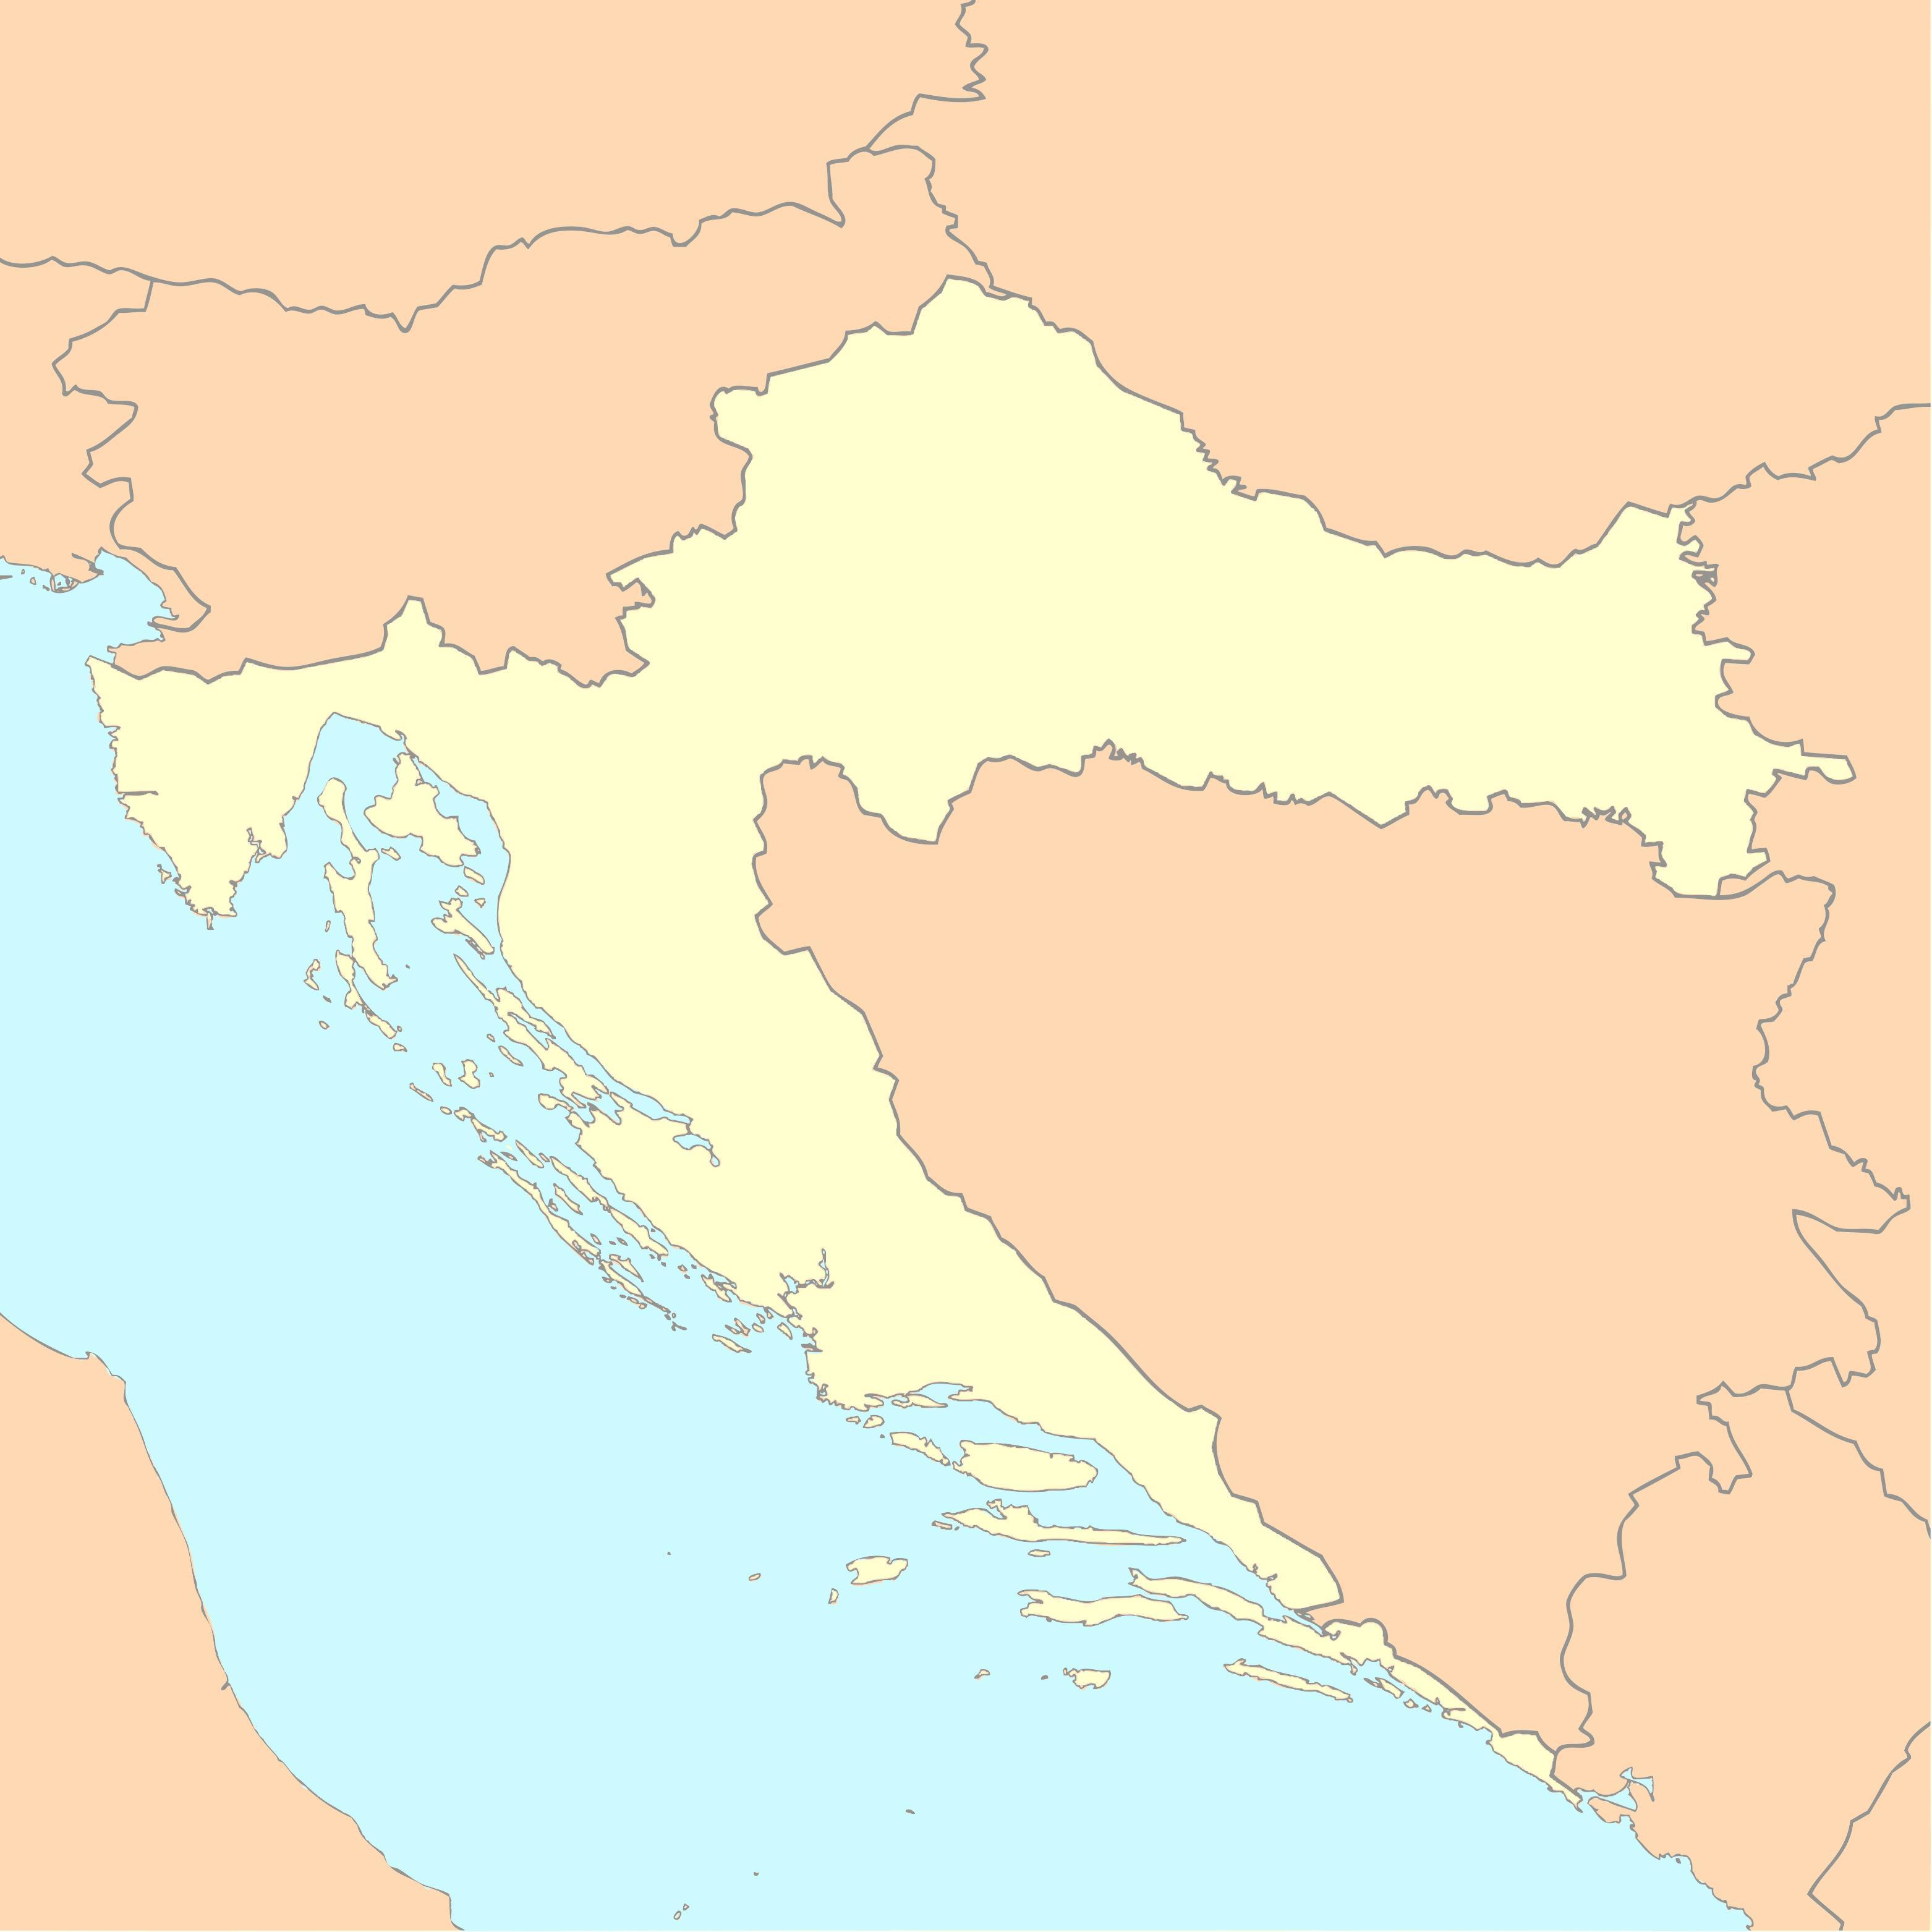 Croazia E Slovenia Cartina Geografica.Mappe Della Croazia Trasporti Geografia E Mappe Turistiche Della Croazia Nell Europa Meridionale